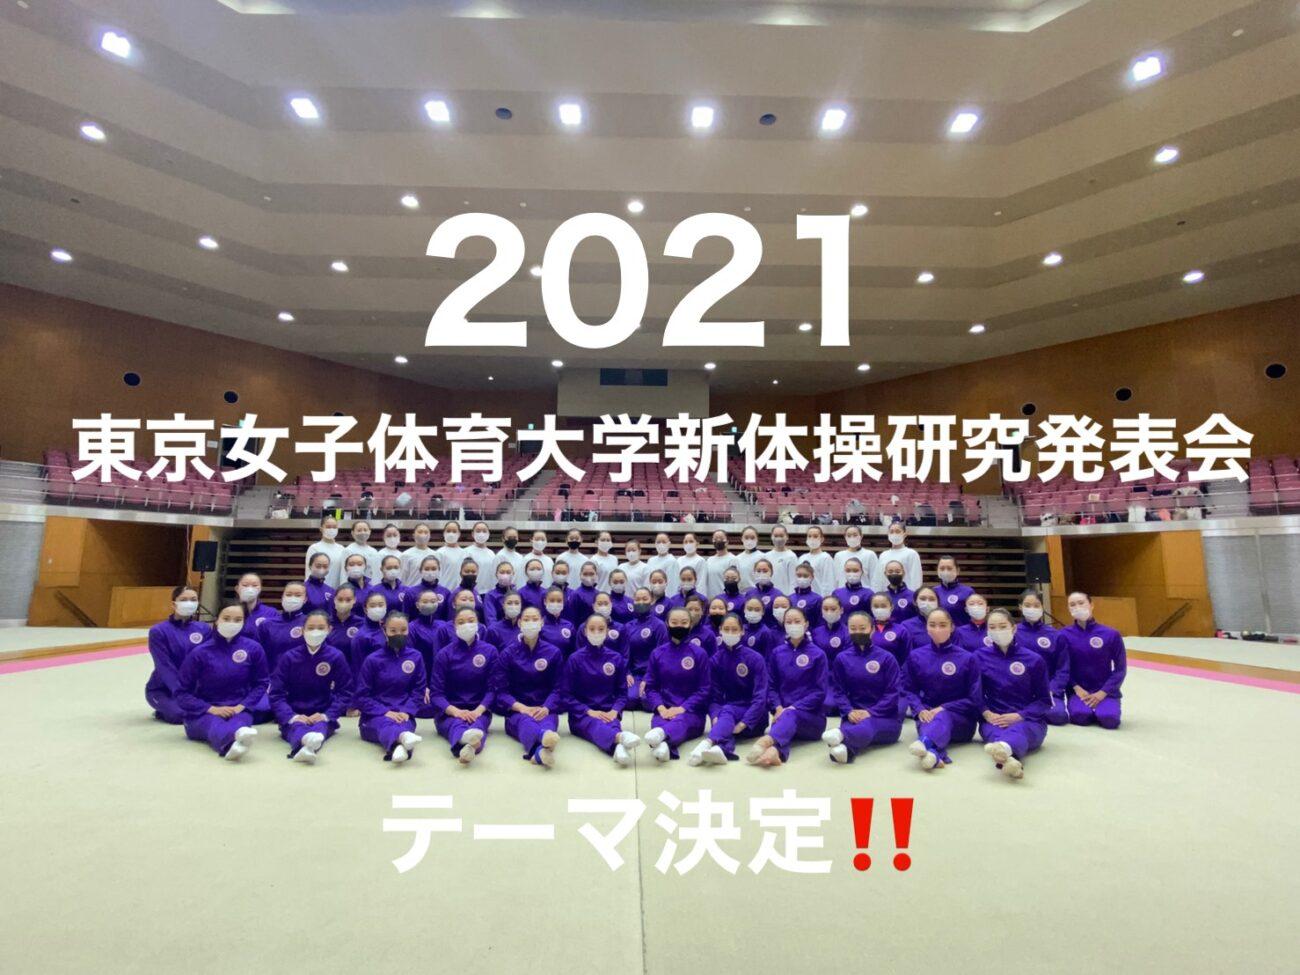 2021年 東京女子体育大学新体操研究発表会 テーマ決定‼️